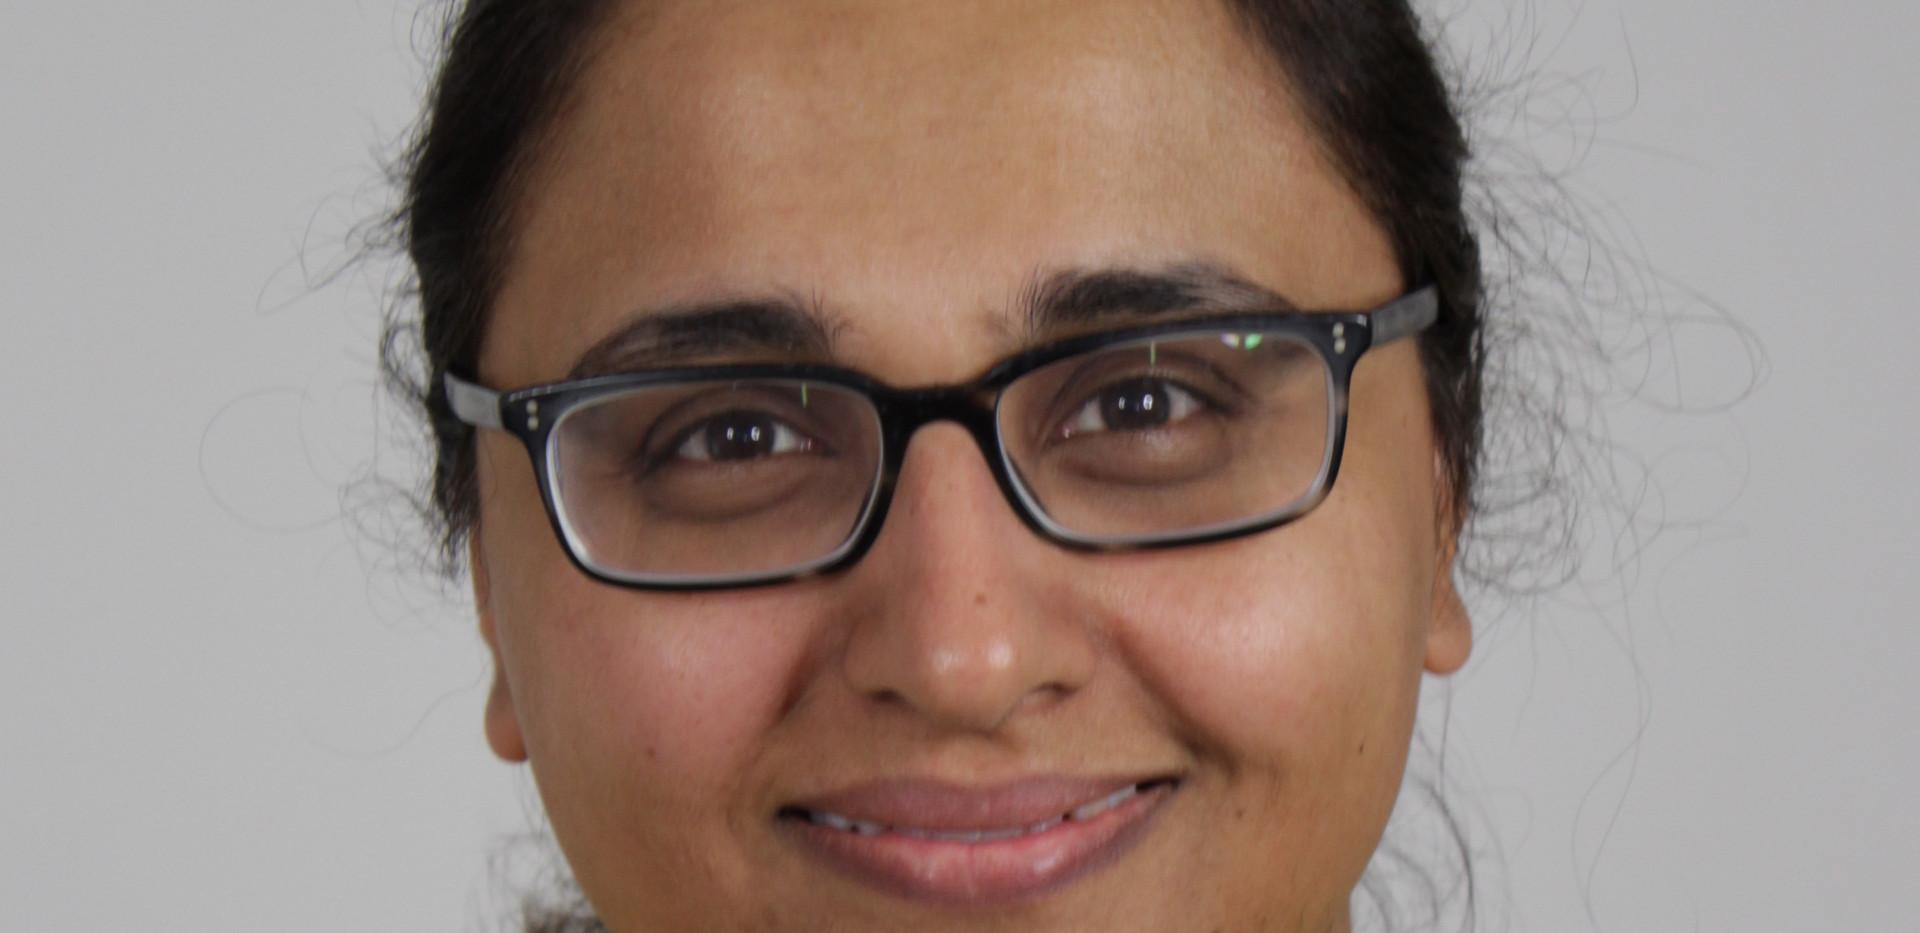 Jyoti before